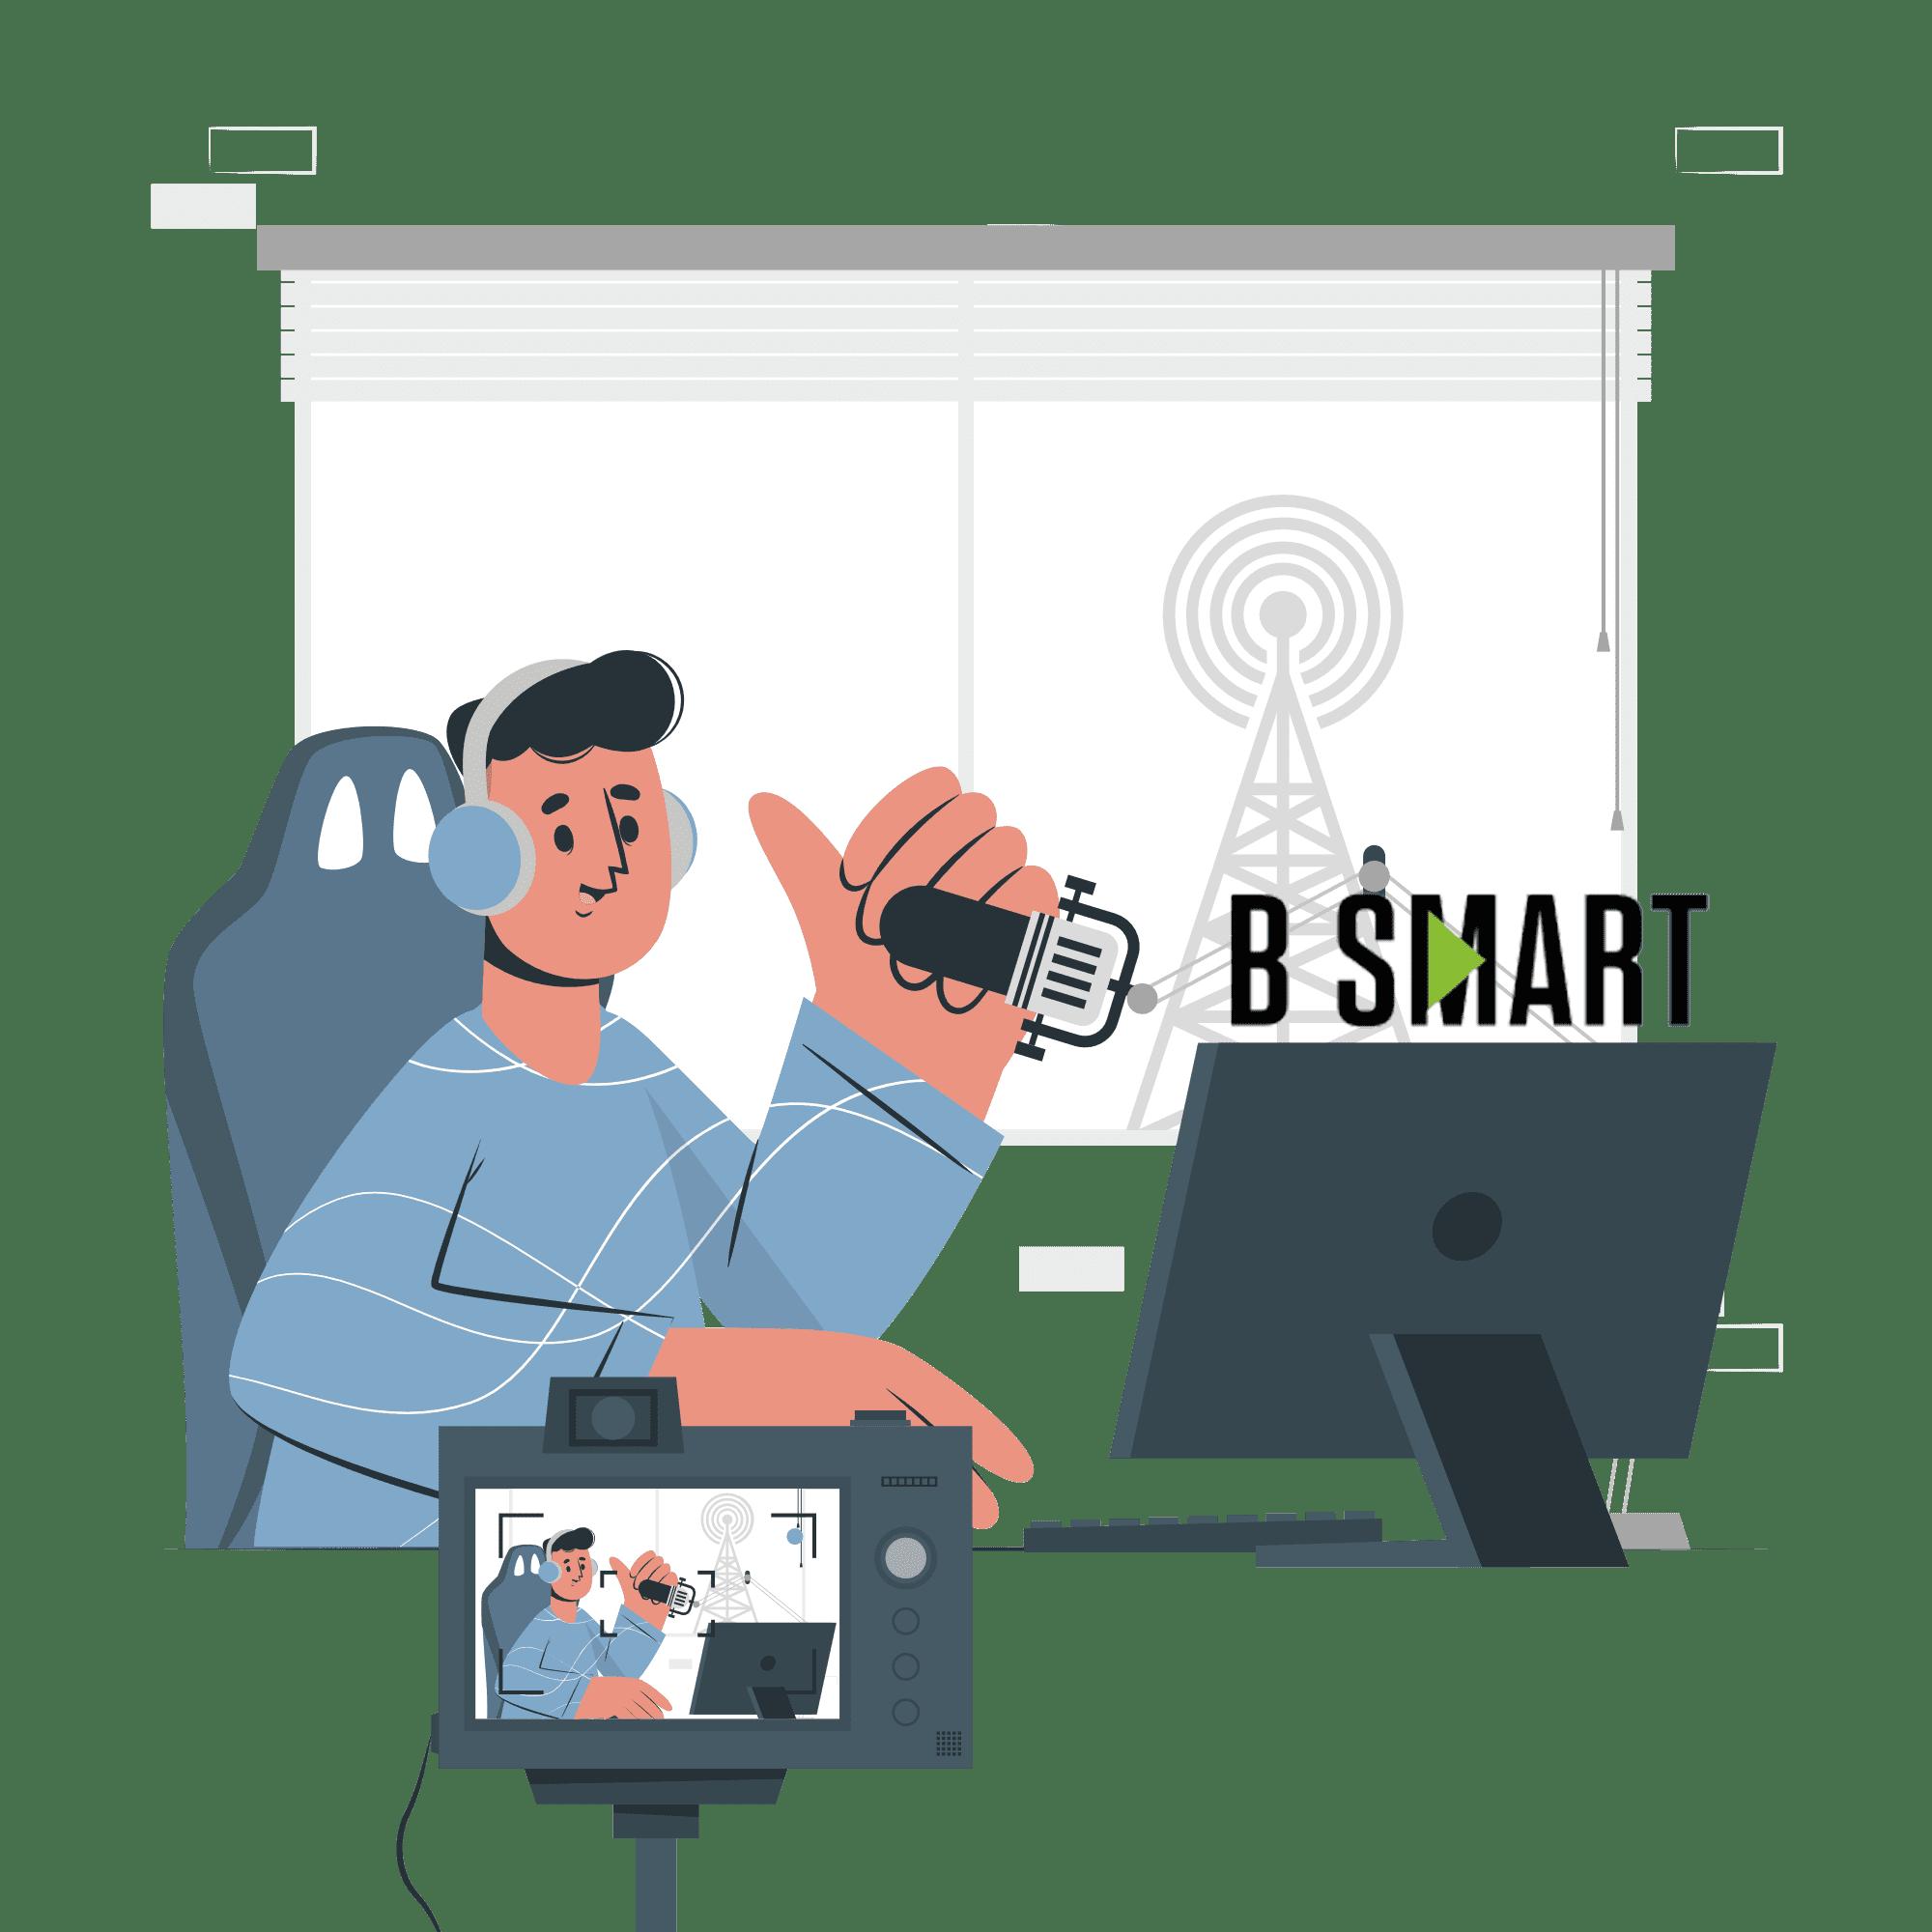 Mai 2021 : Interview SMART CONNECT du 8 mai 2021 avec Christophe, CEO de Botmind